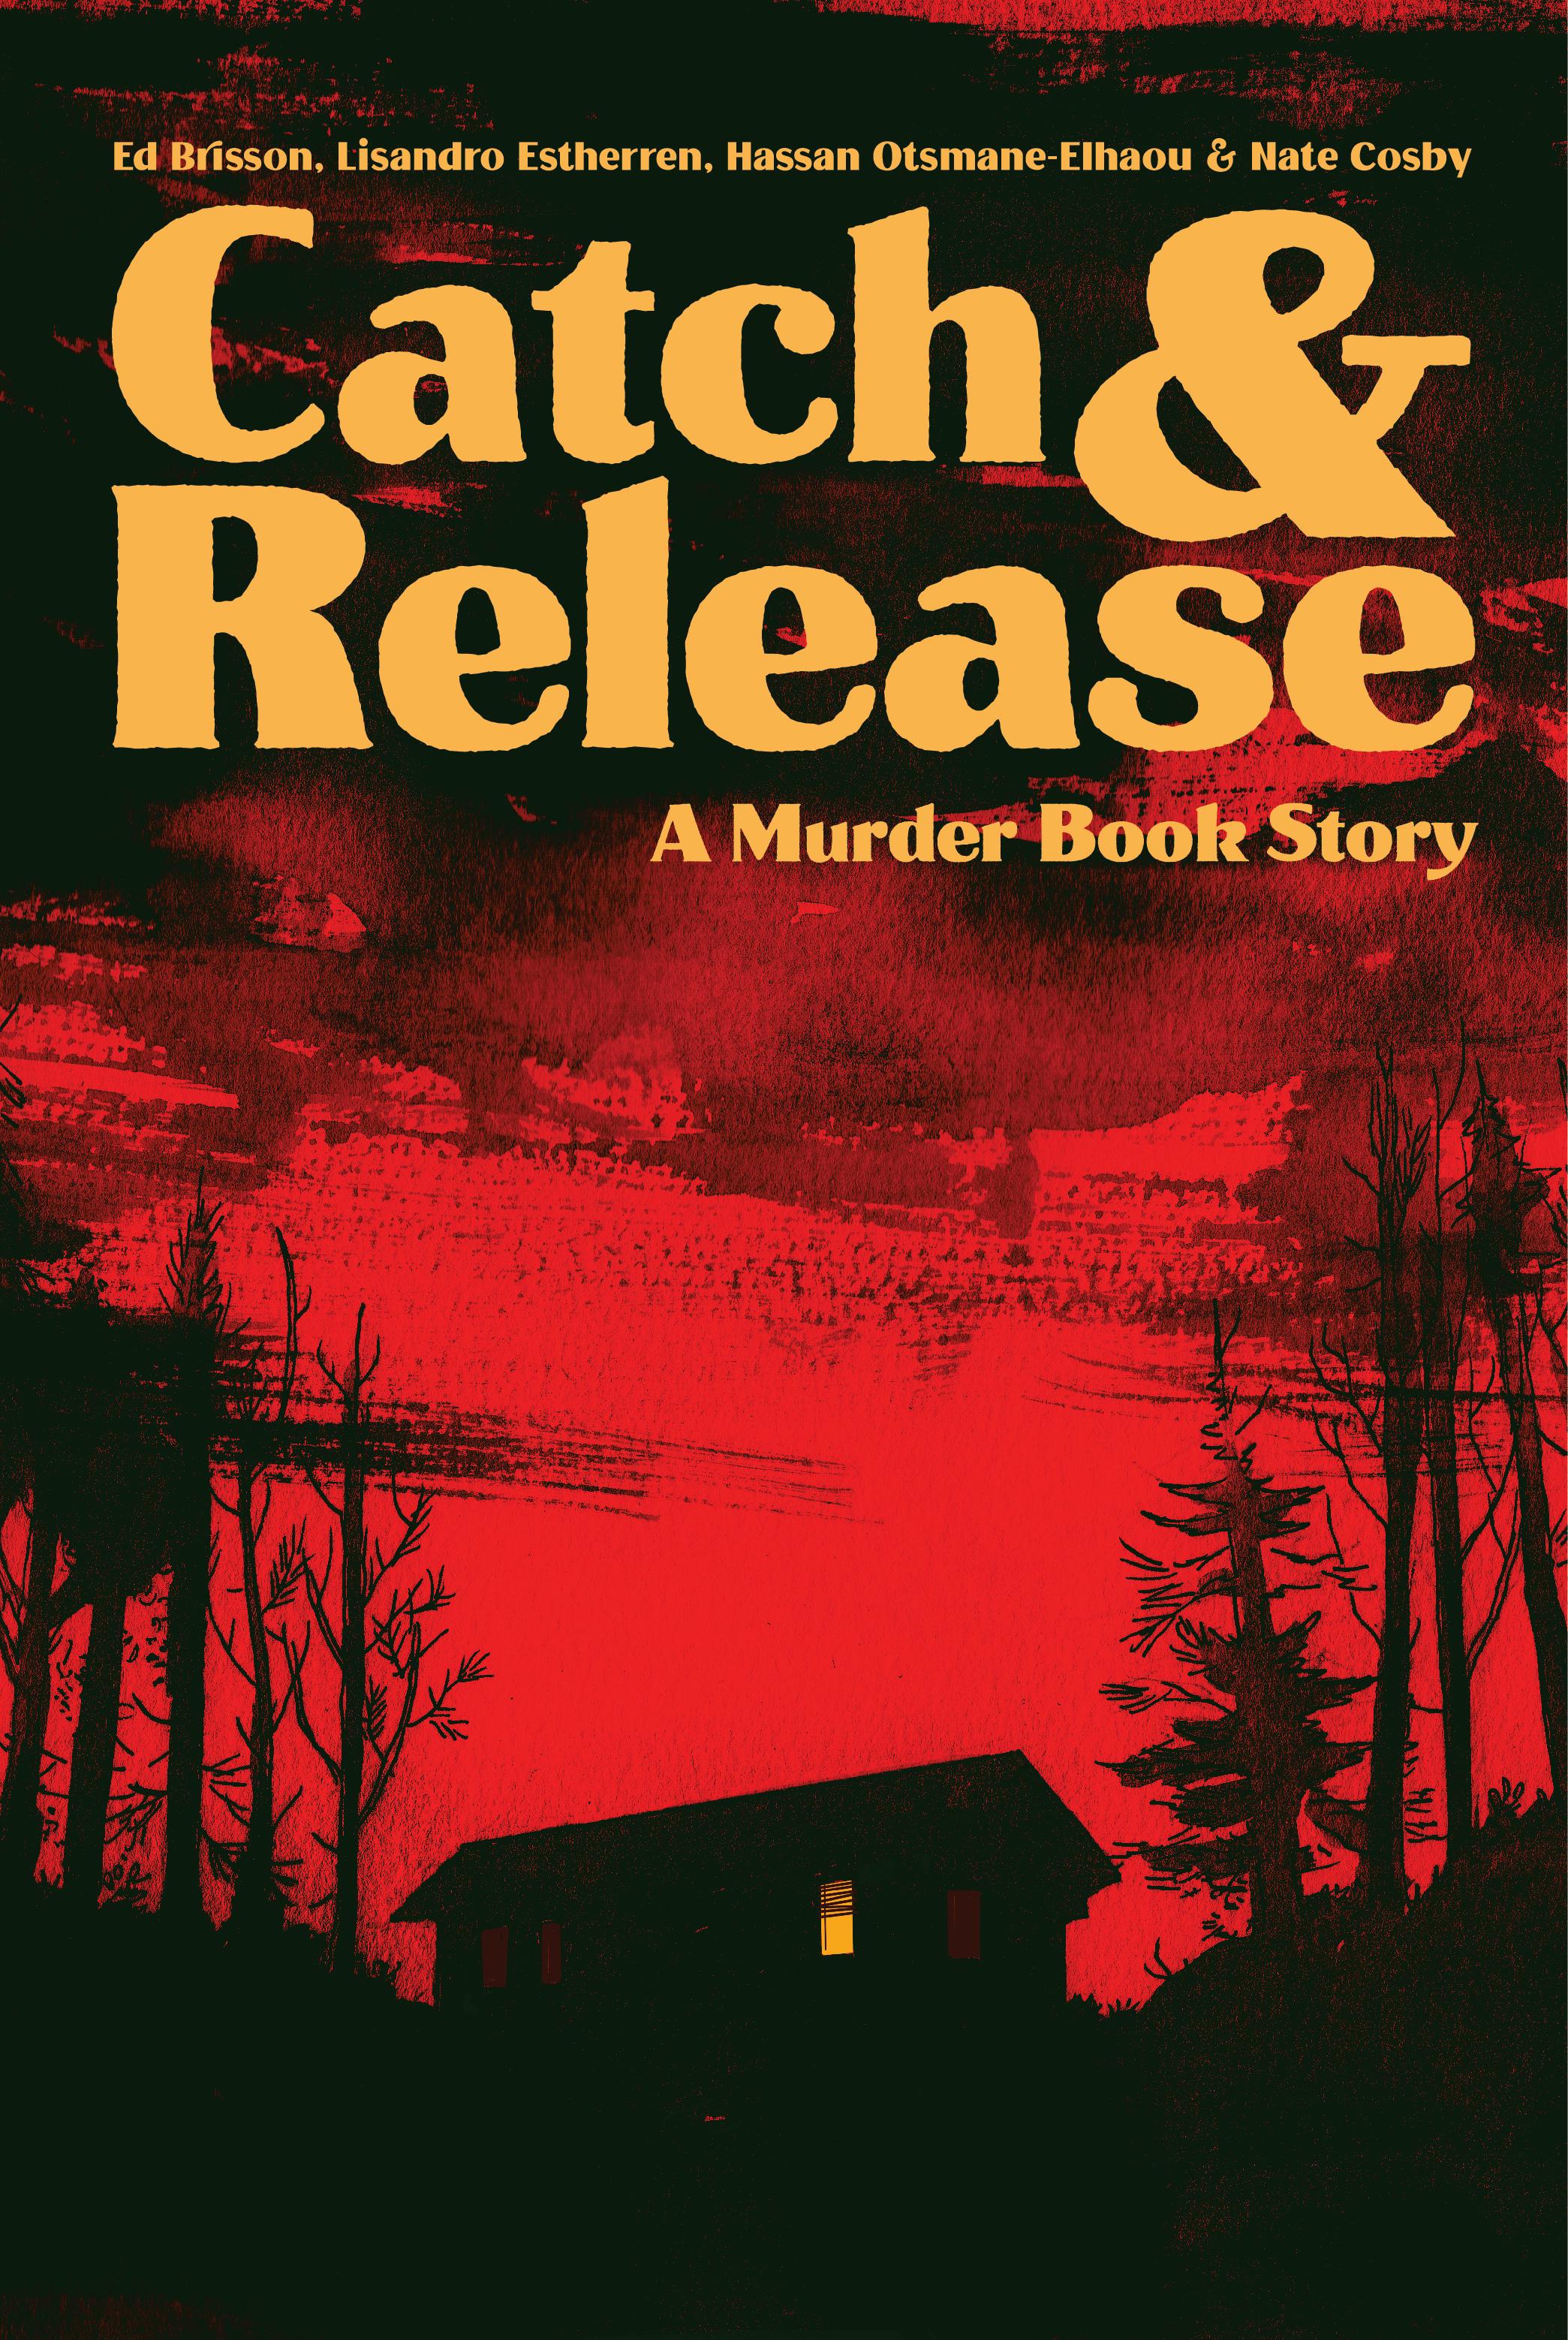 Catch & Release: A Murder Book Story